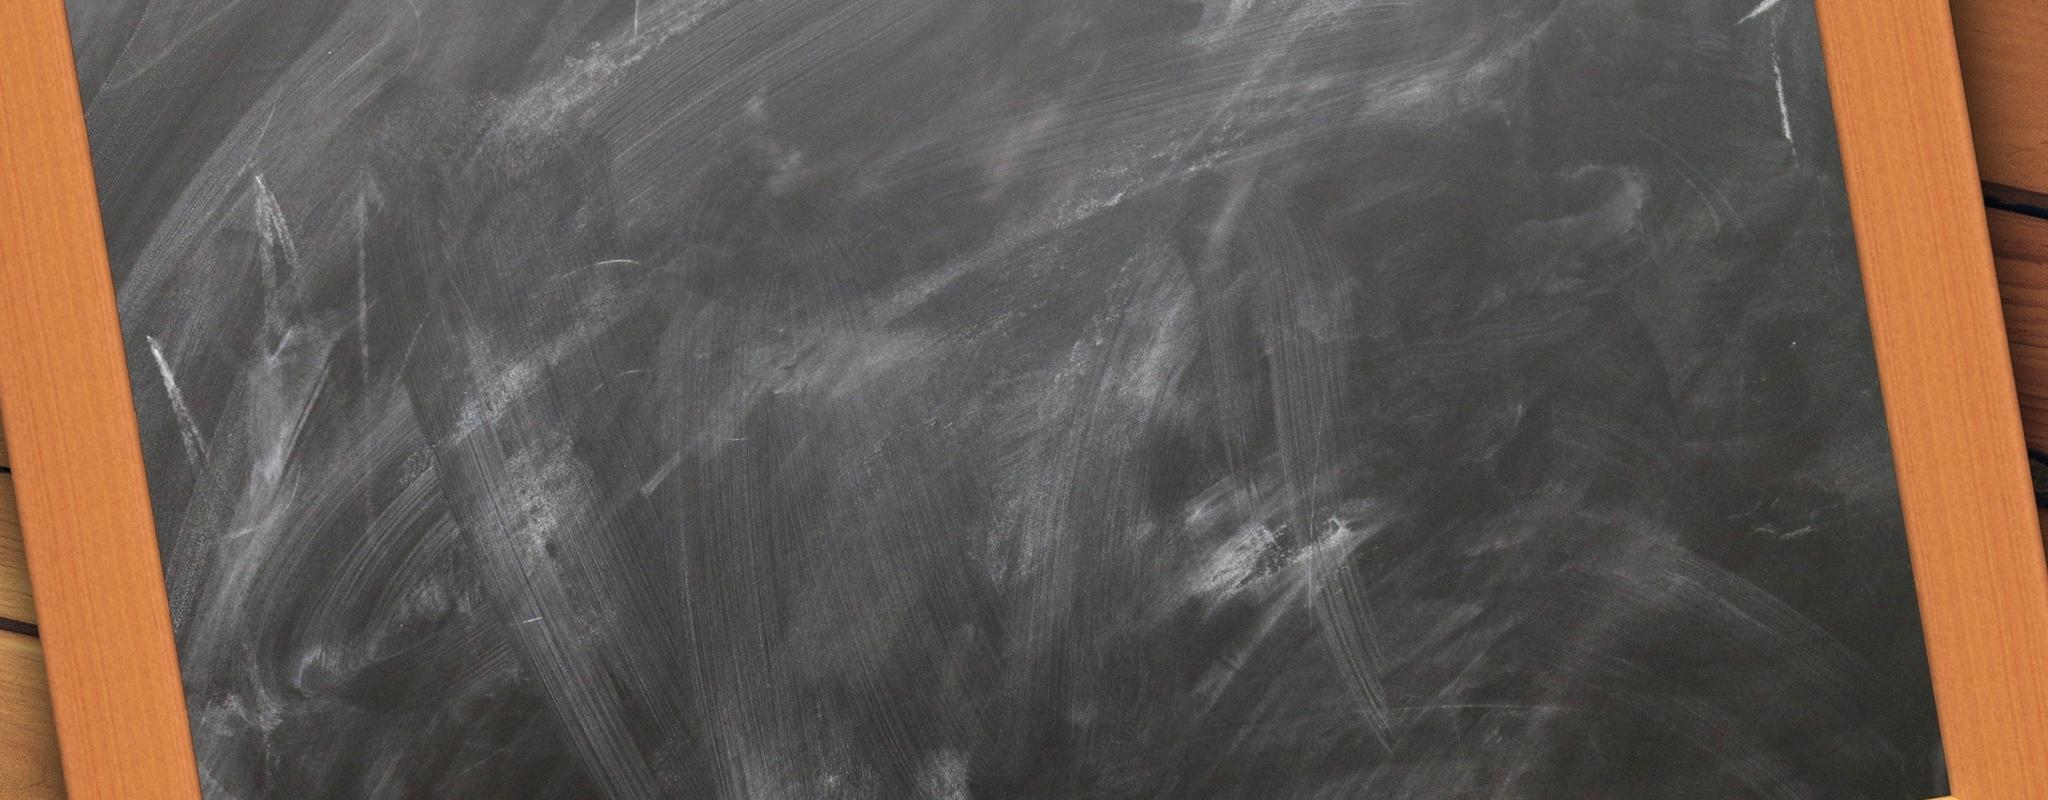 Deux collectifs d'enseignants évoquent un «droit de retrait» pour la rentrée du 11 mai